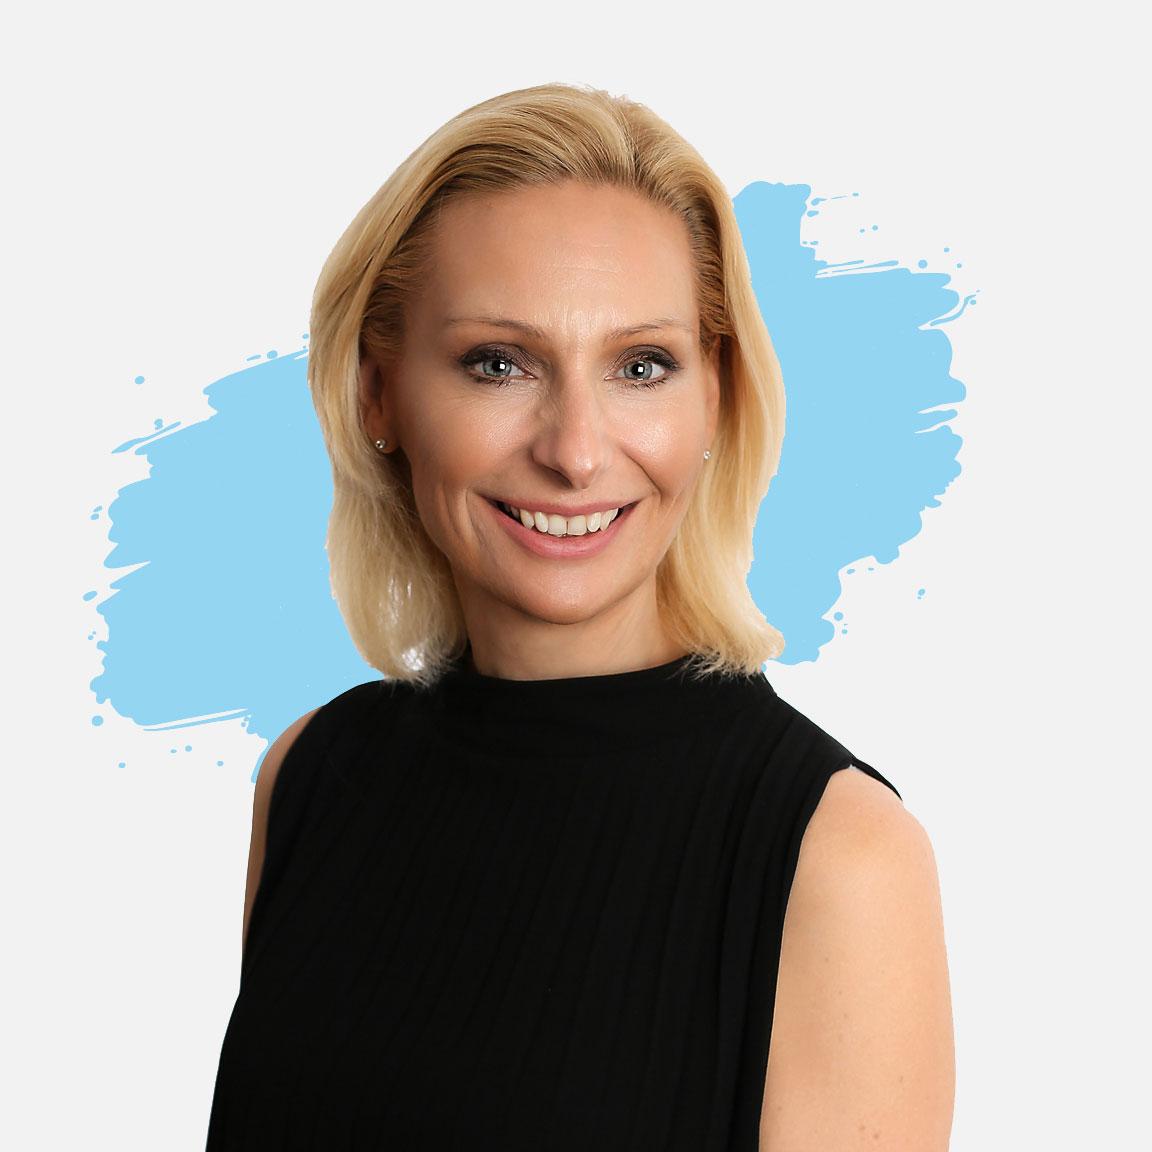 amanda daly profile image